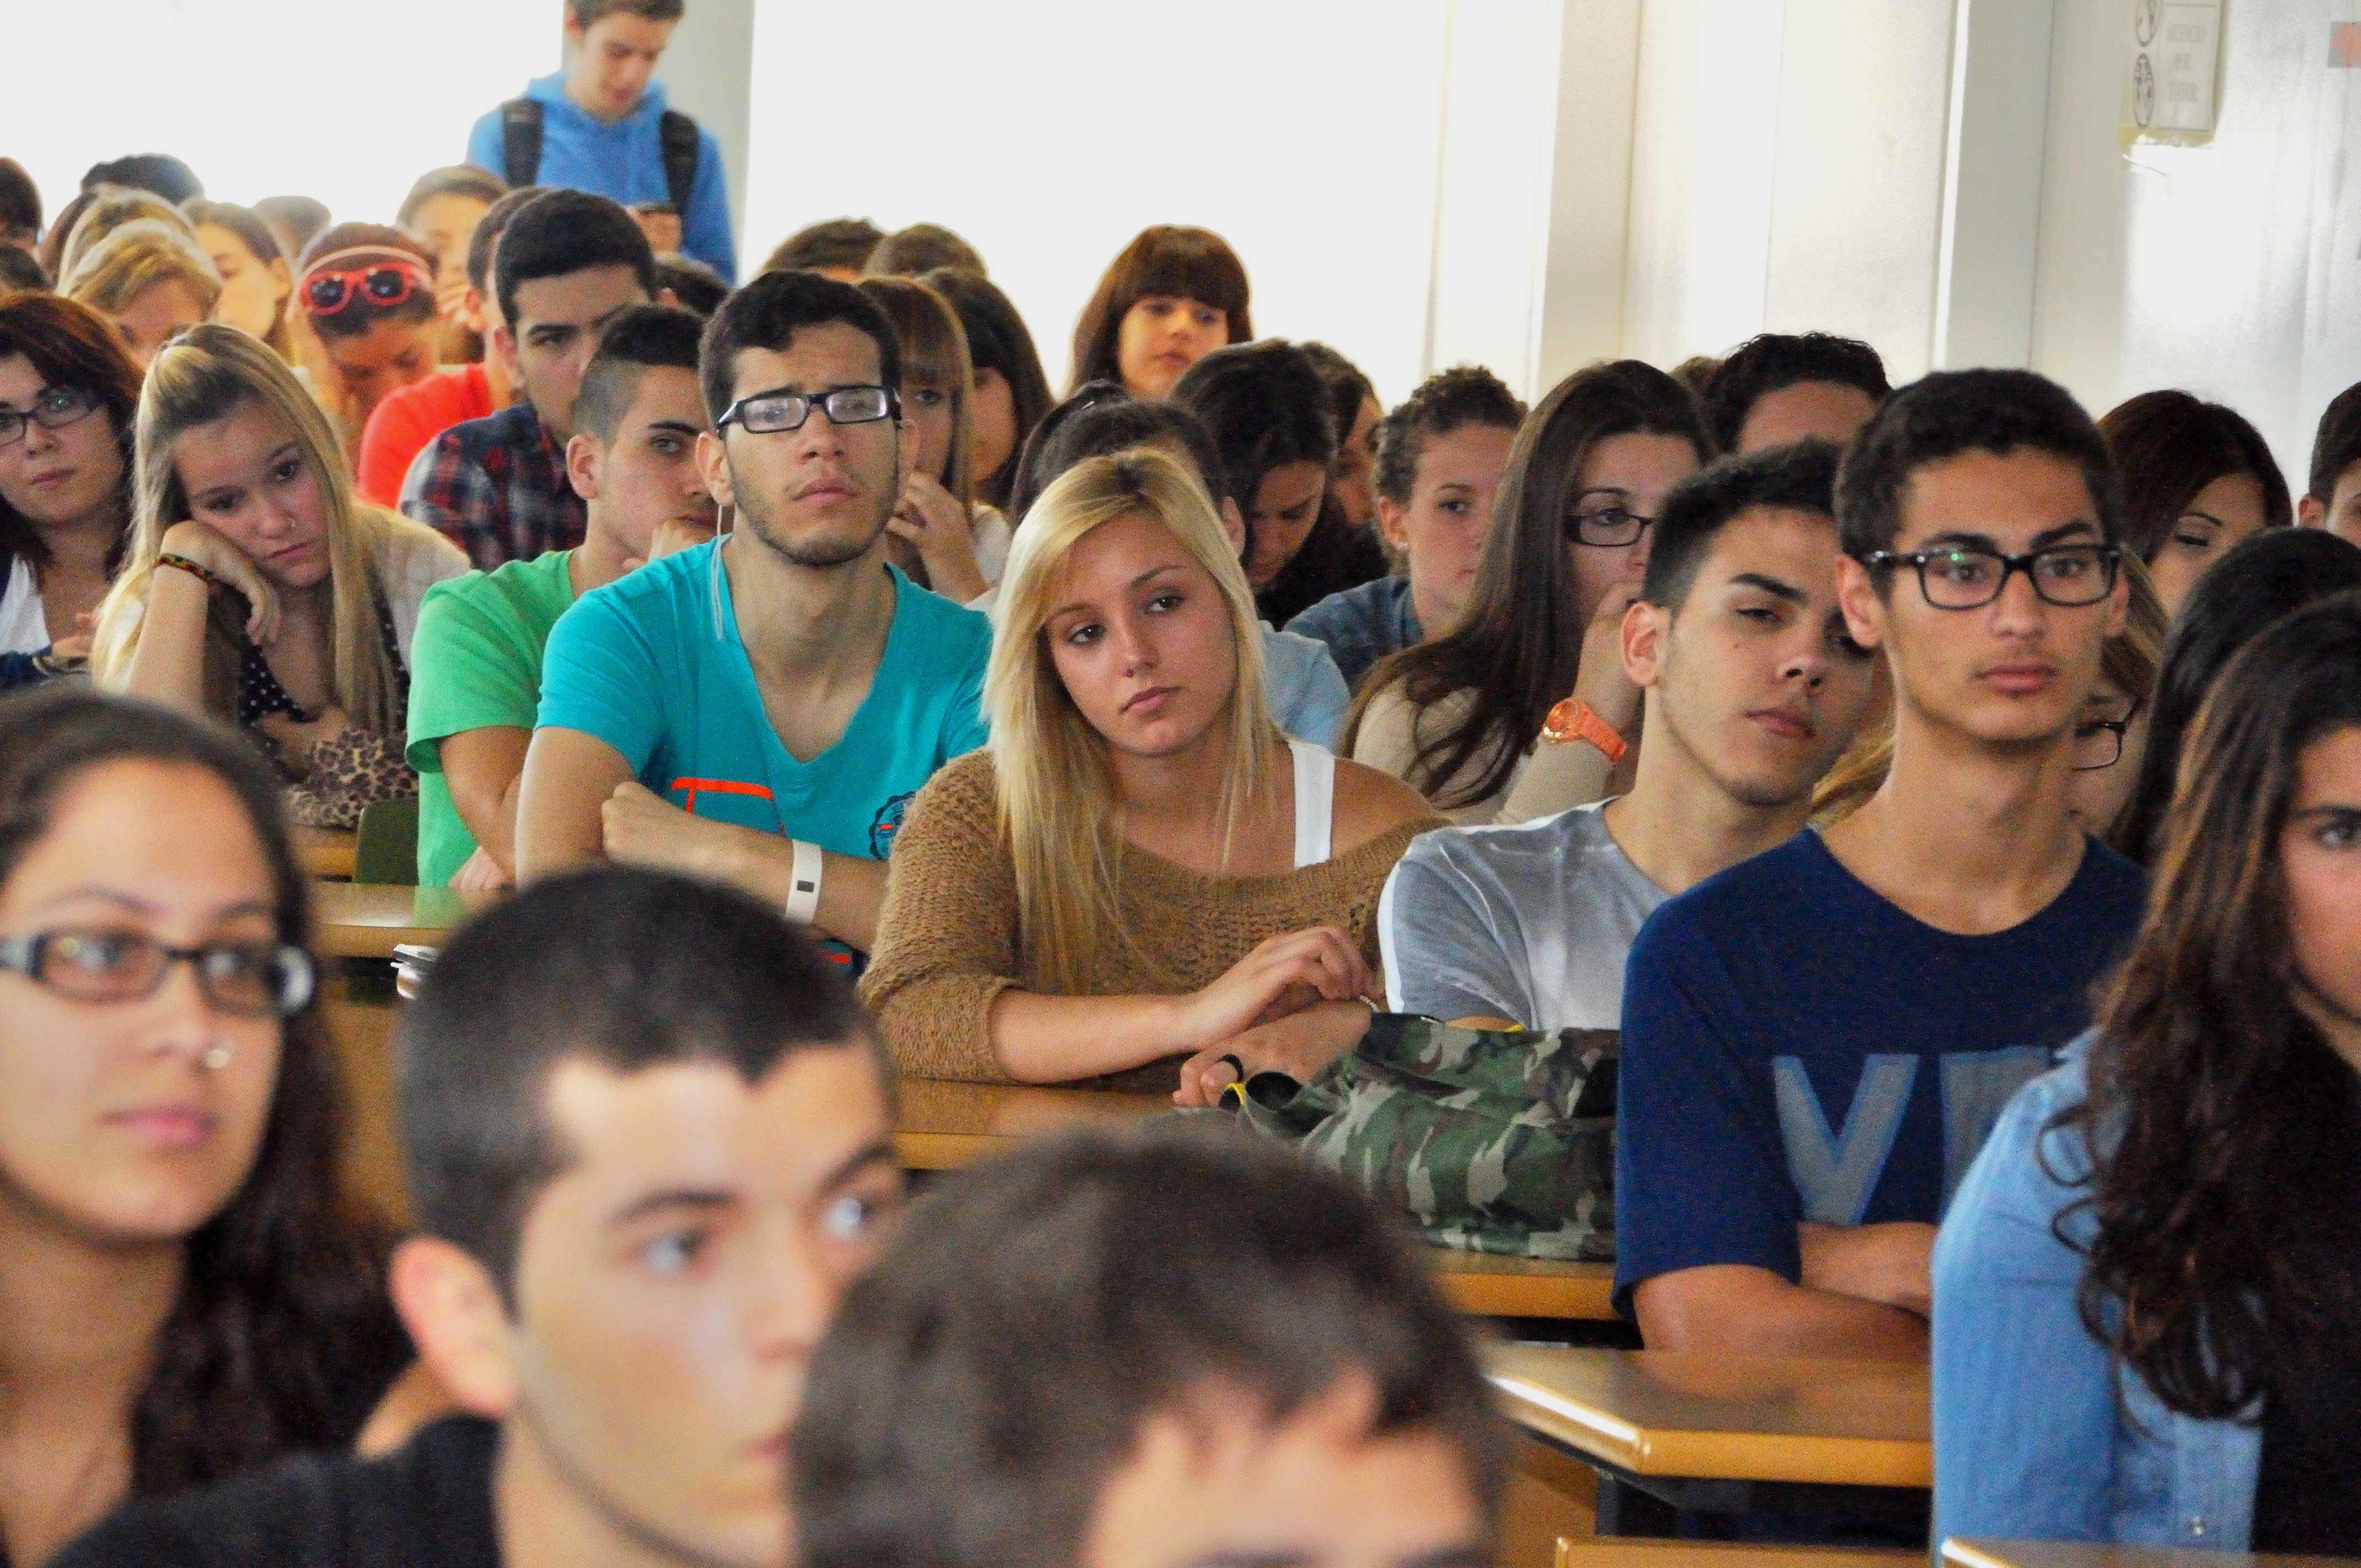 Latón seguro Énfasis  Elegir carrera ya no es lo que era >> Ayuda al Estudiante >> Blogs EL PAÍS